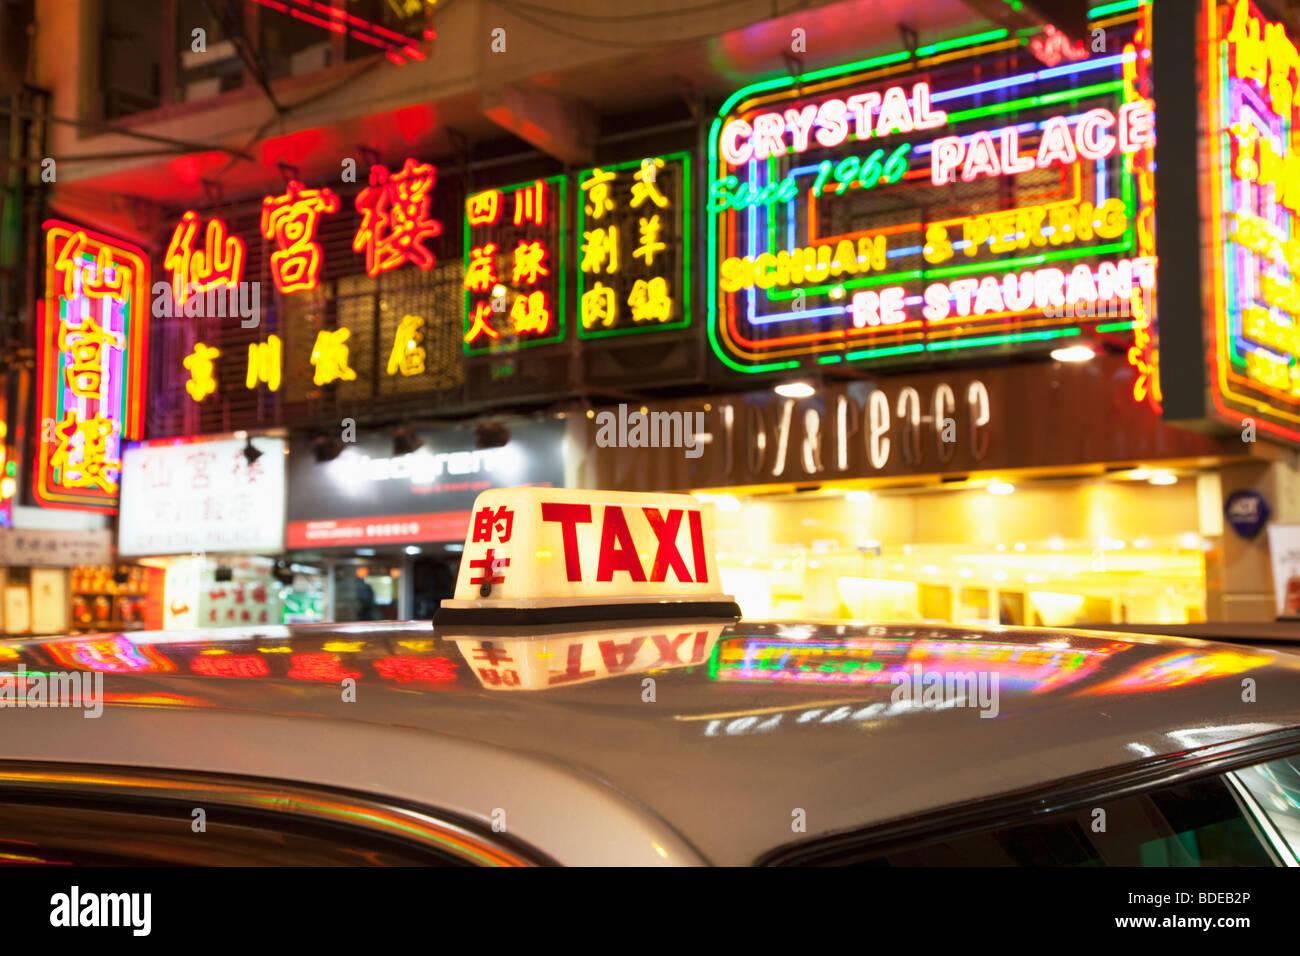 Neon signs and taxi light in Tsim Sha Tsui, Kowloon, Hong Kong, China. - Stock Image